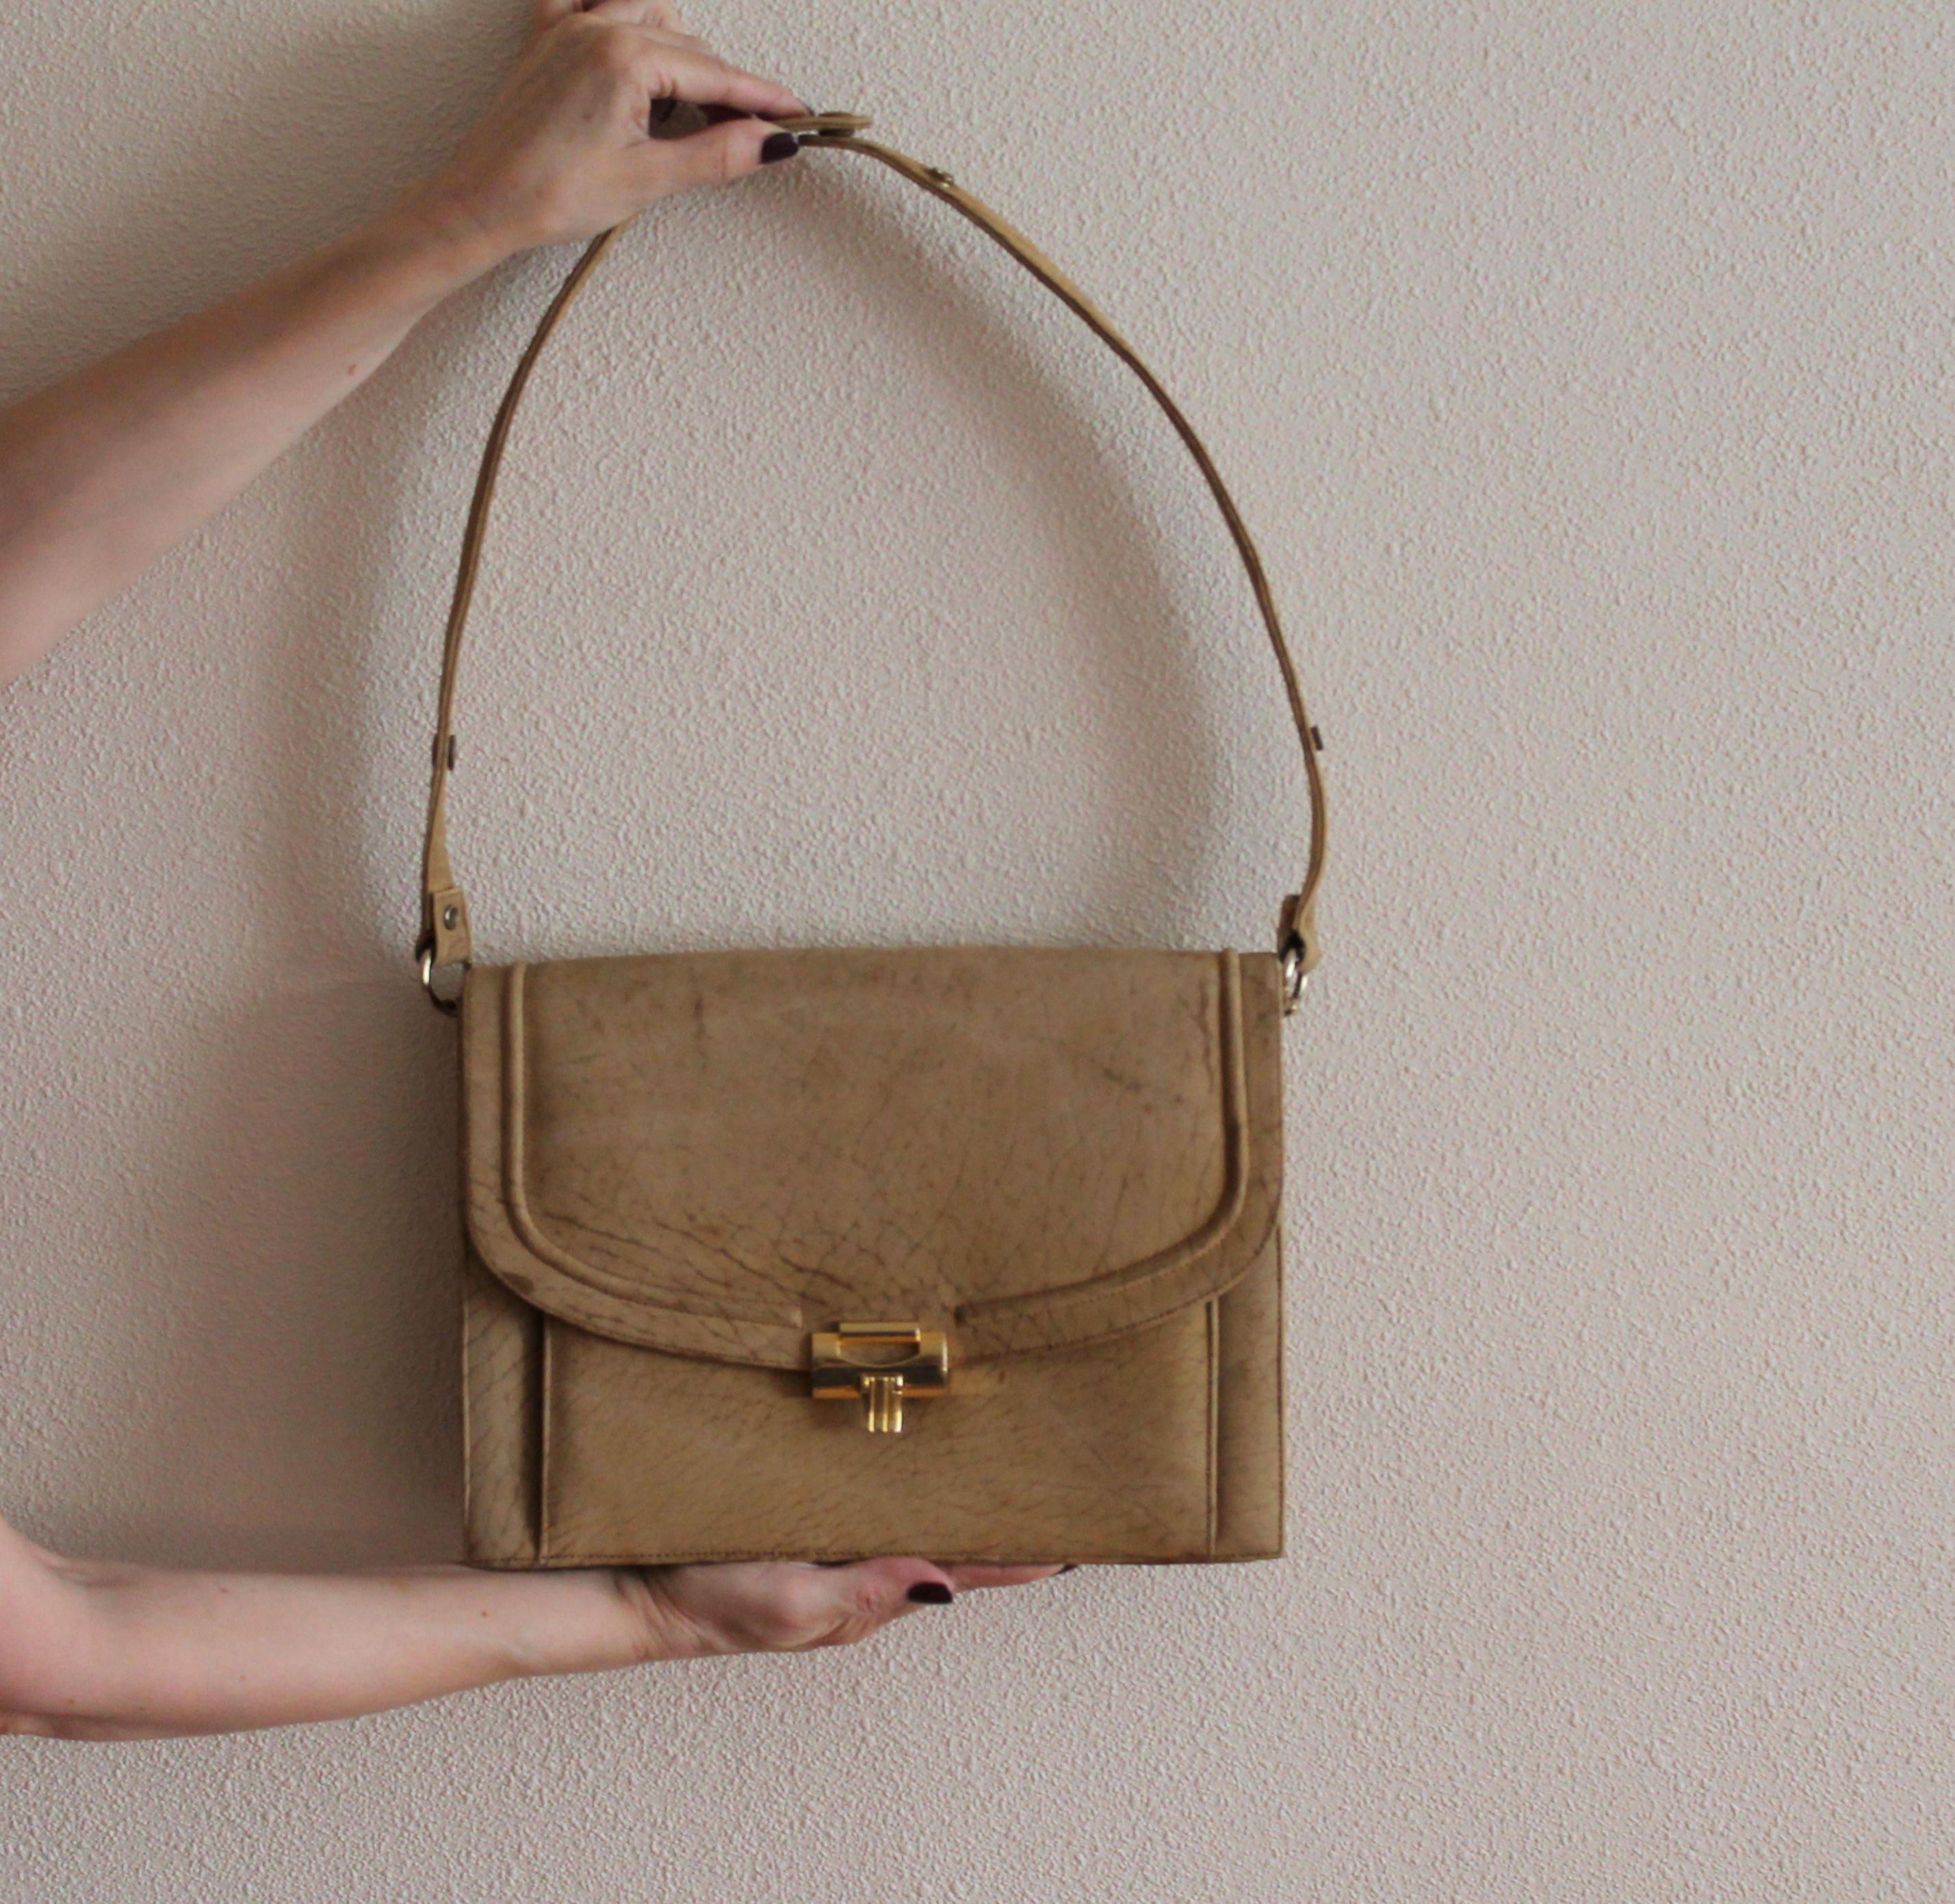 543f26b56410 VINTAGE Leather Shoulder Bag Women Cross Body Purse Caramel Brown Bag  Genuine Leather Shoulder Bag Soft